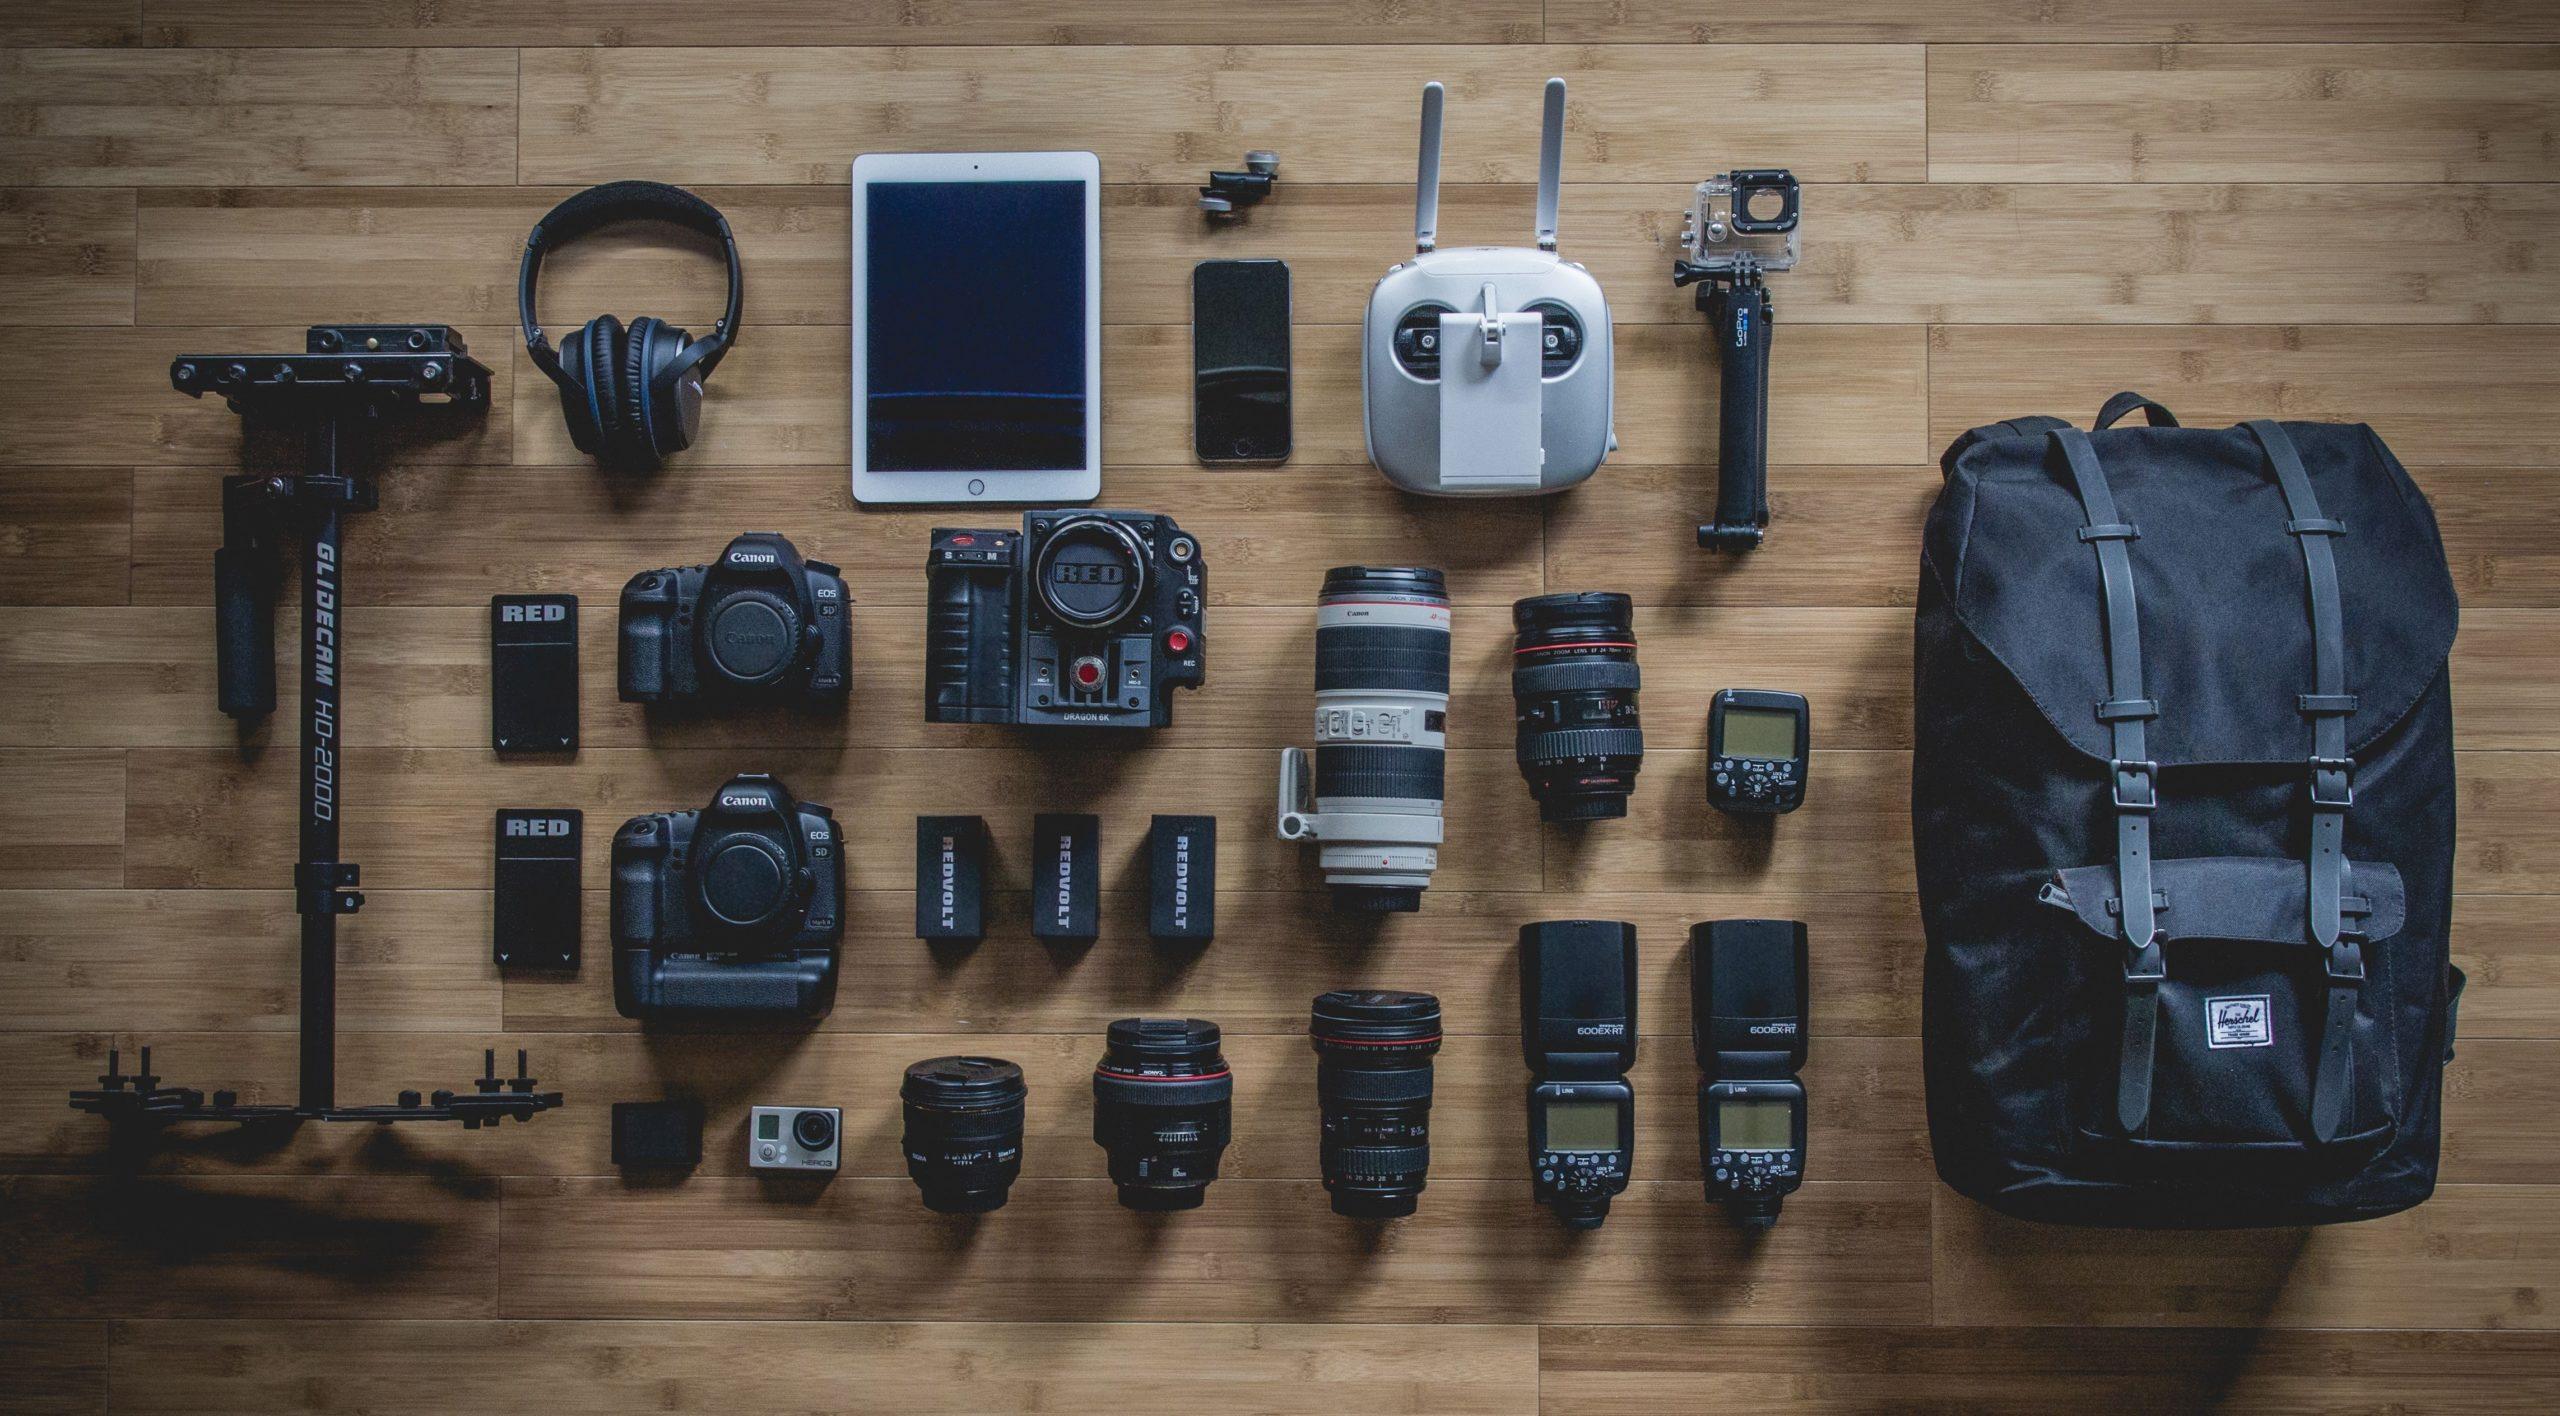 แนะนำ อุปกรณ์ถ่ายรูป ที่คุณต้องมีในการถ่ายรูป